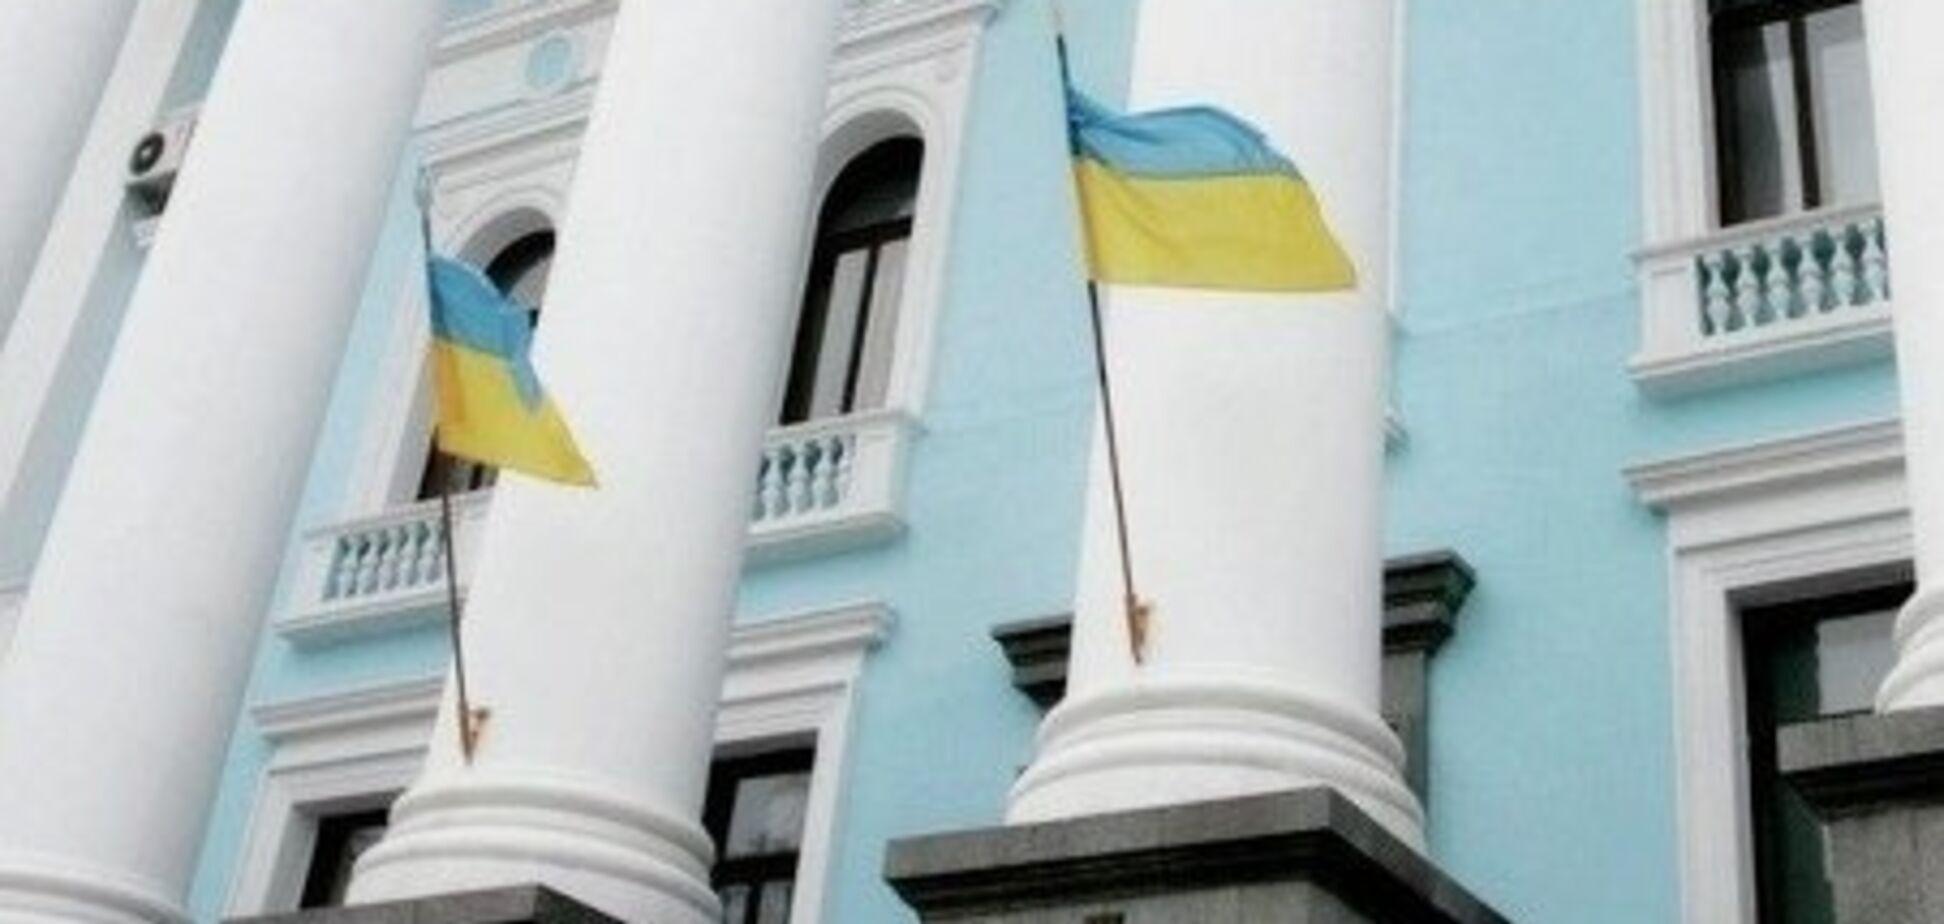 Затримання 'українського диверсанта' в Криму: Генштаб ЗСУ озвучив нові факти